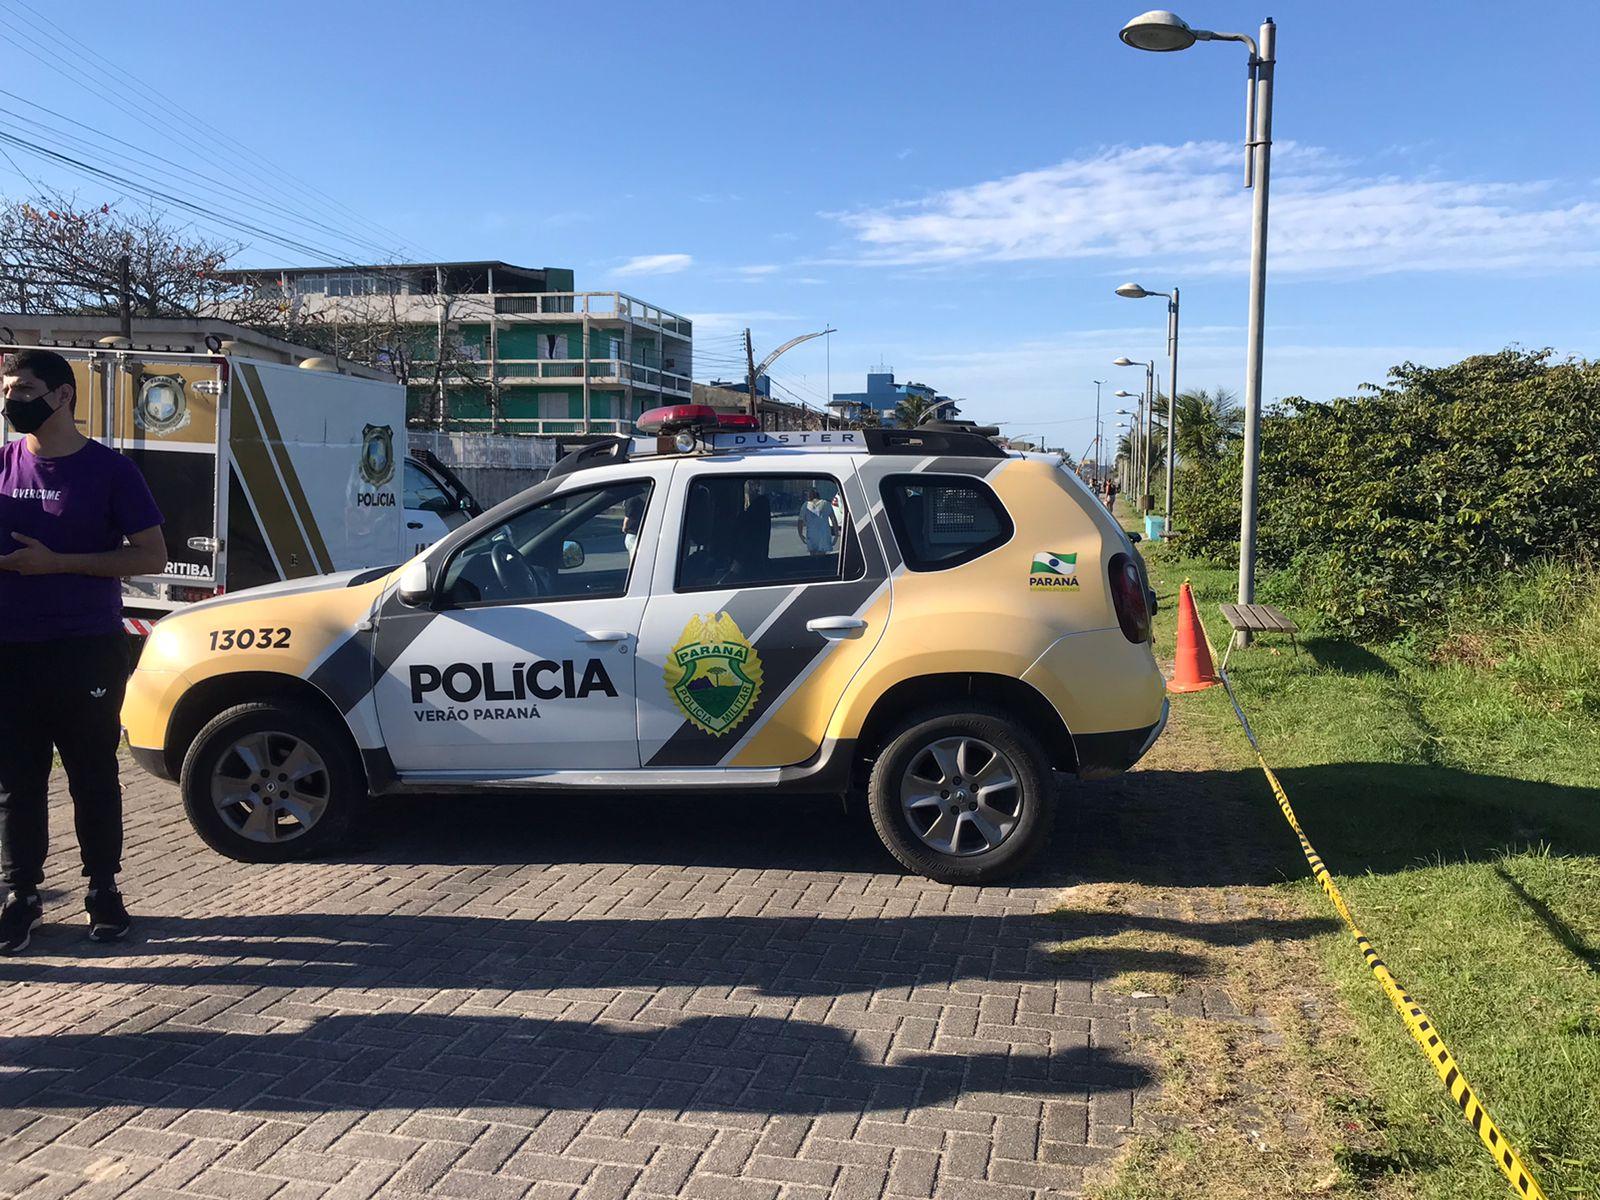 Suspeito de assalto reage a abordagem policial e é morto, em Pontal do Paraná